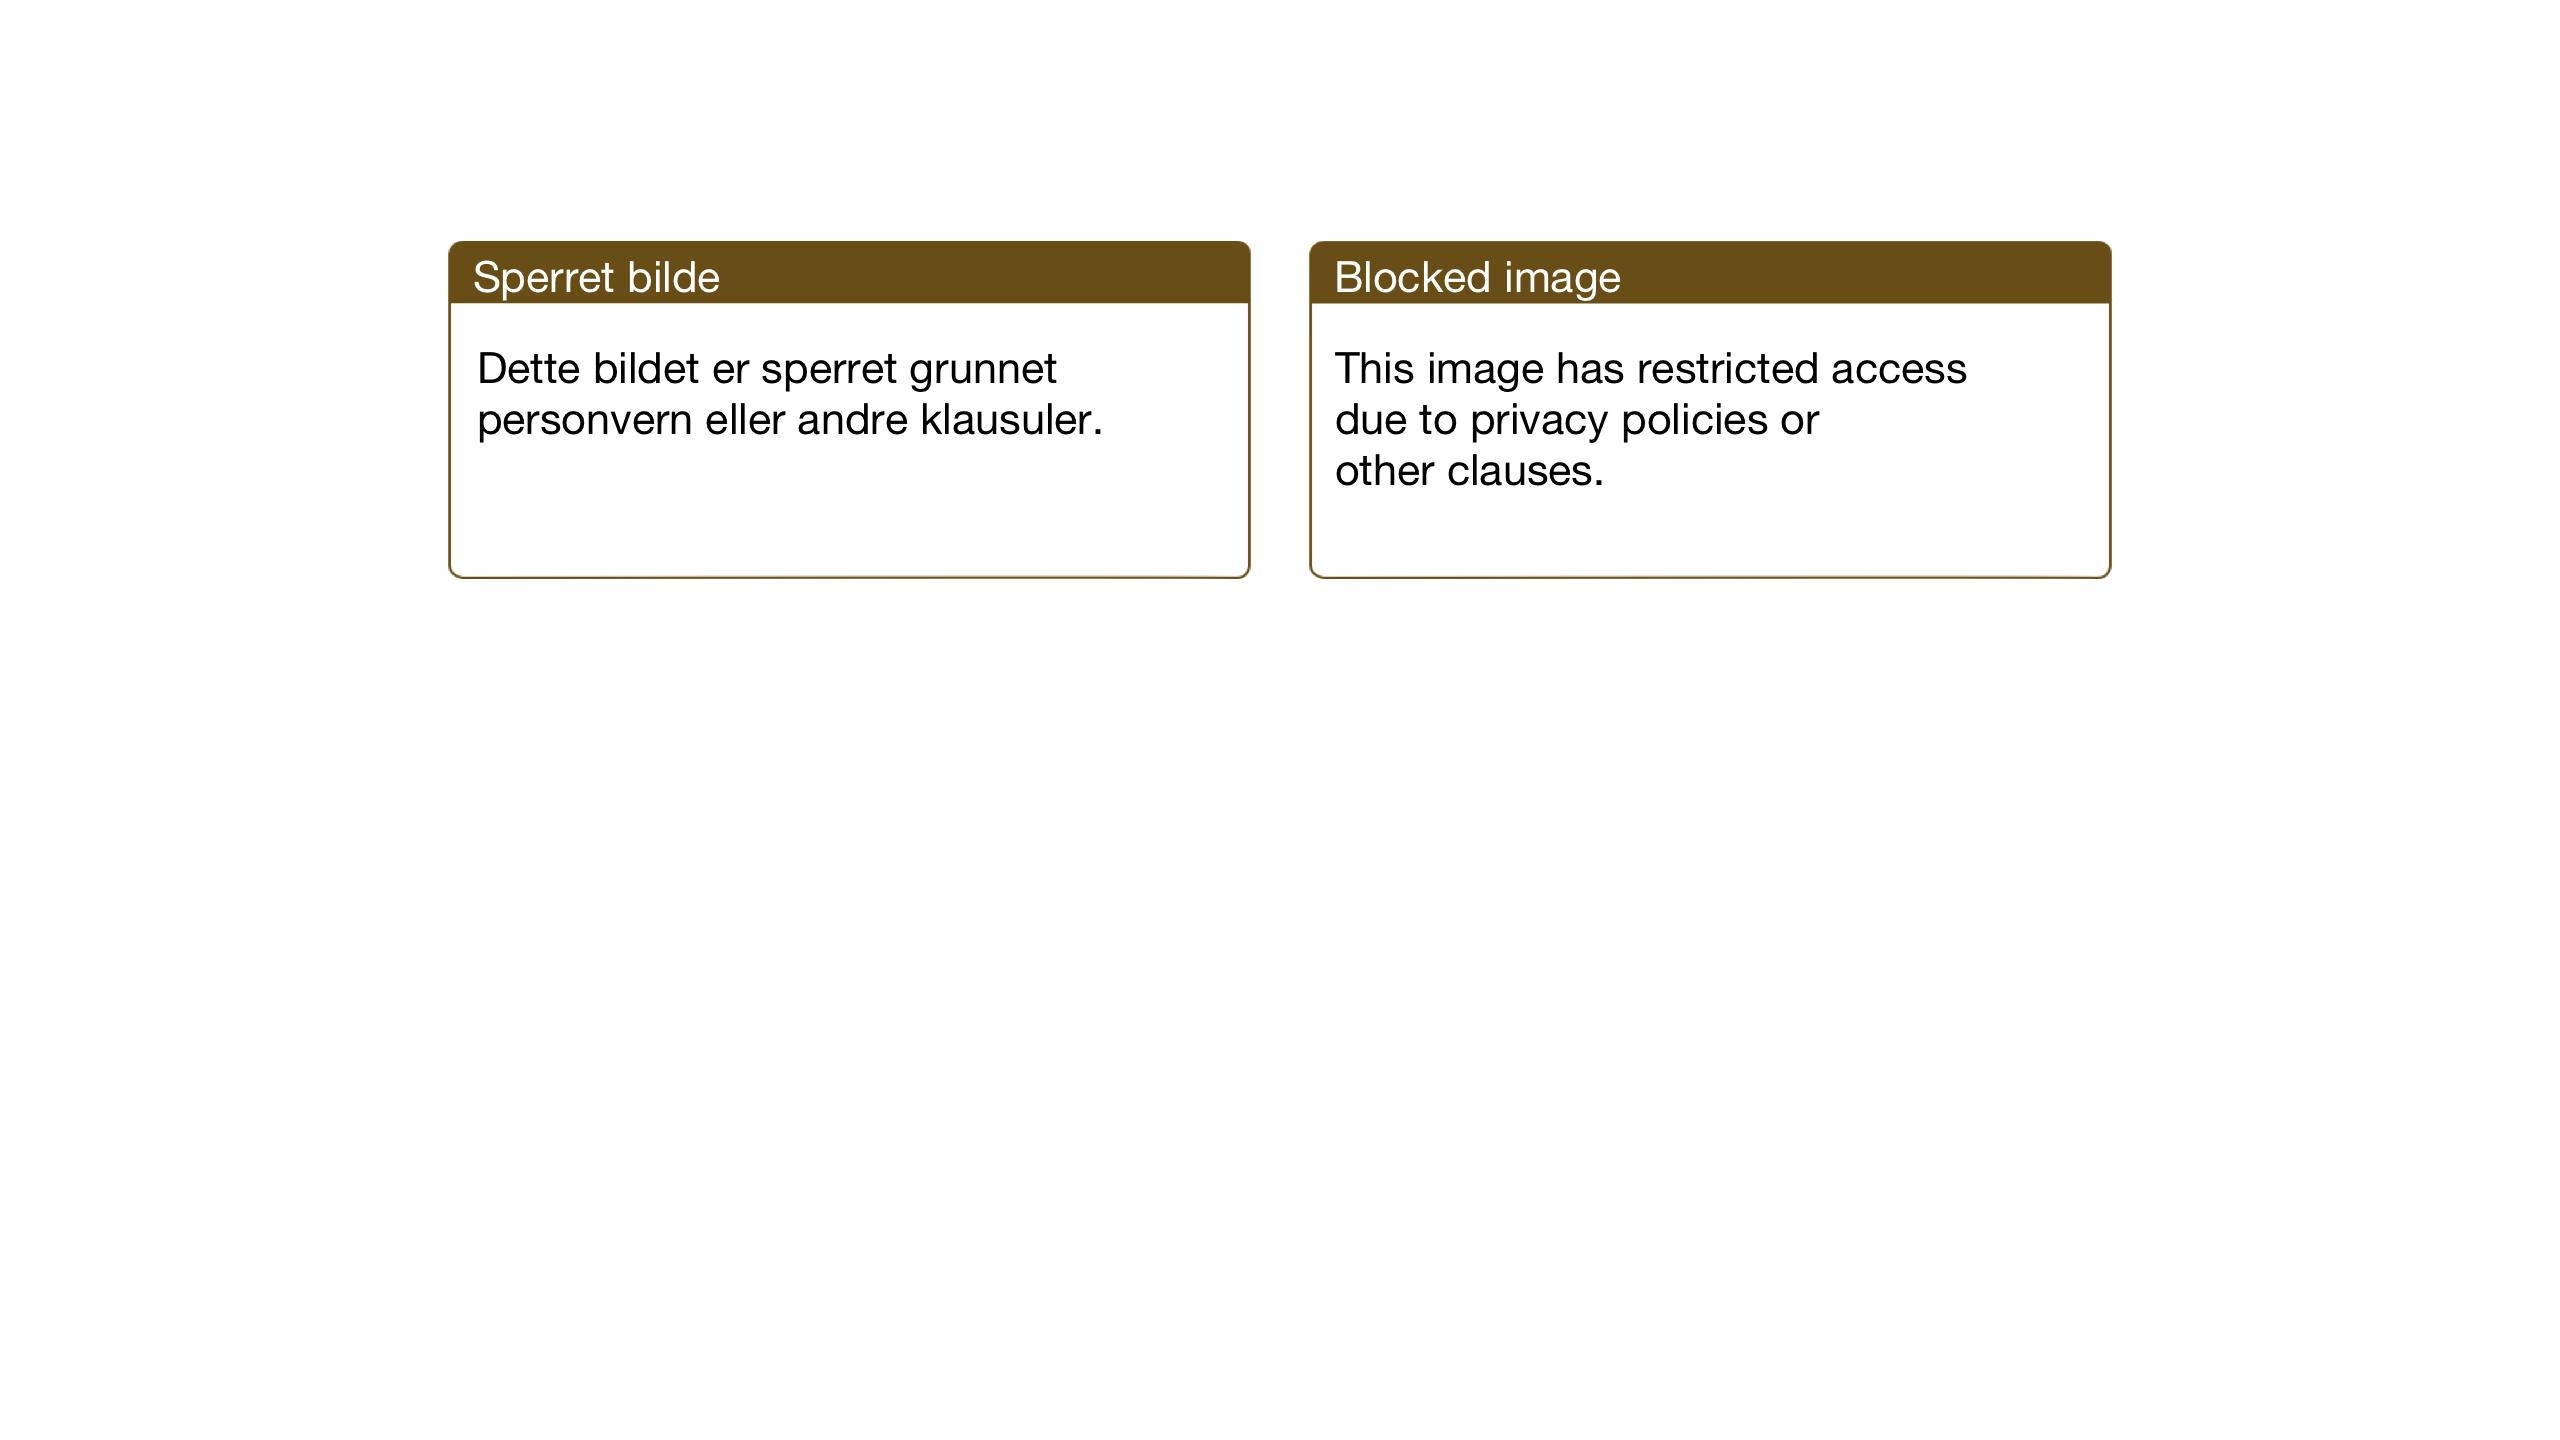 SAT, Ministerialprotokoller, klokkerbøker og fødselsregistre - Sør-Trøndelag, 674/L0877: Klokkerbok nr. 674C04, 1913-1940, s. 218